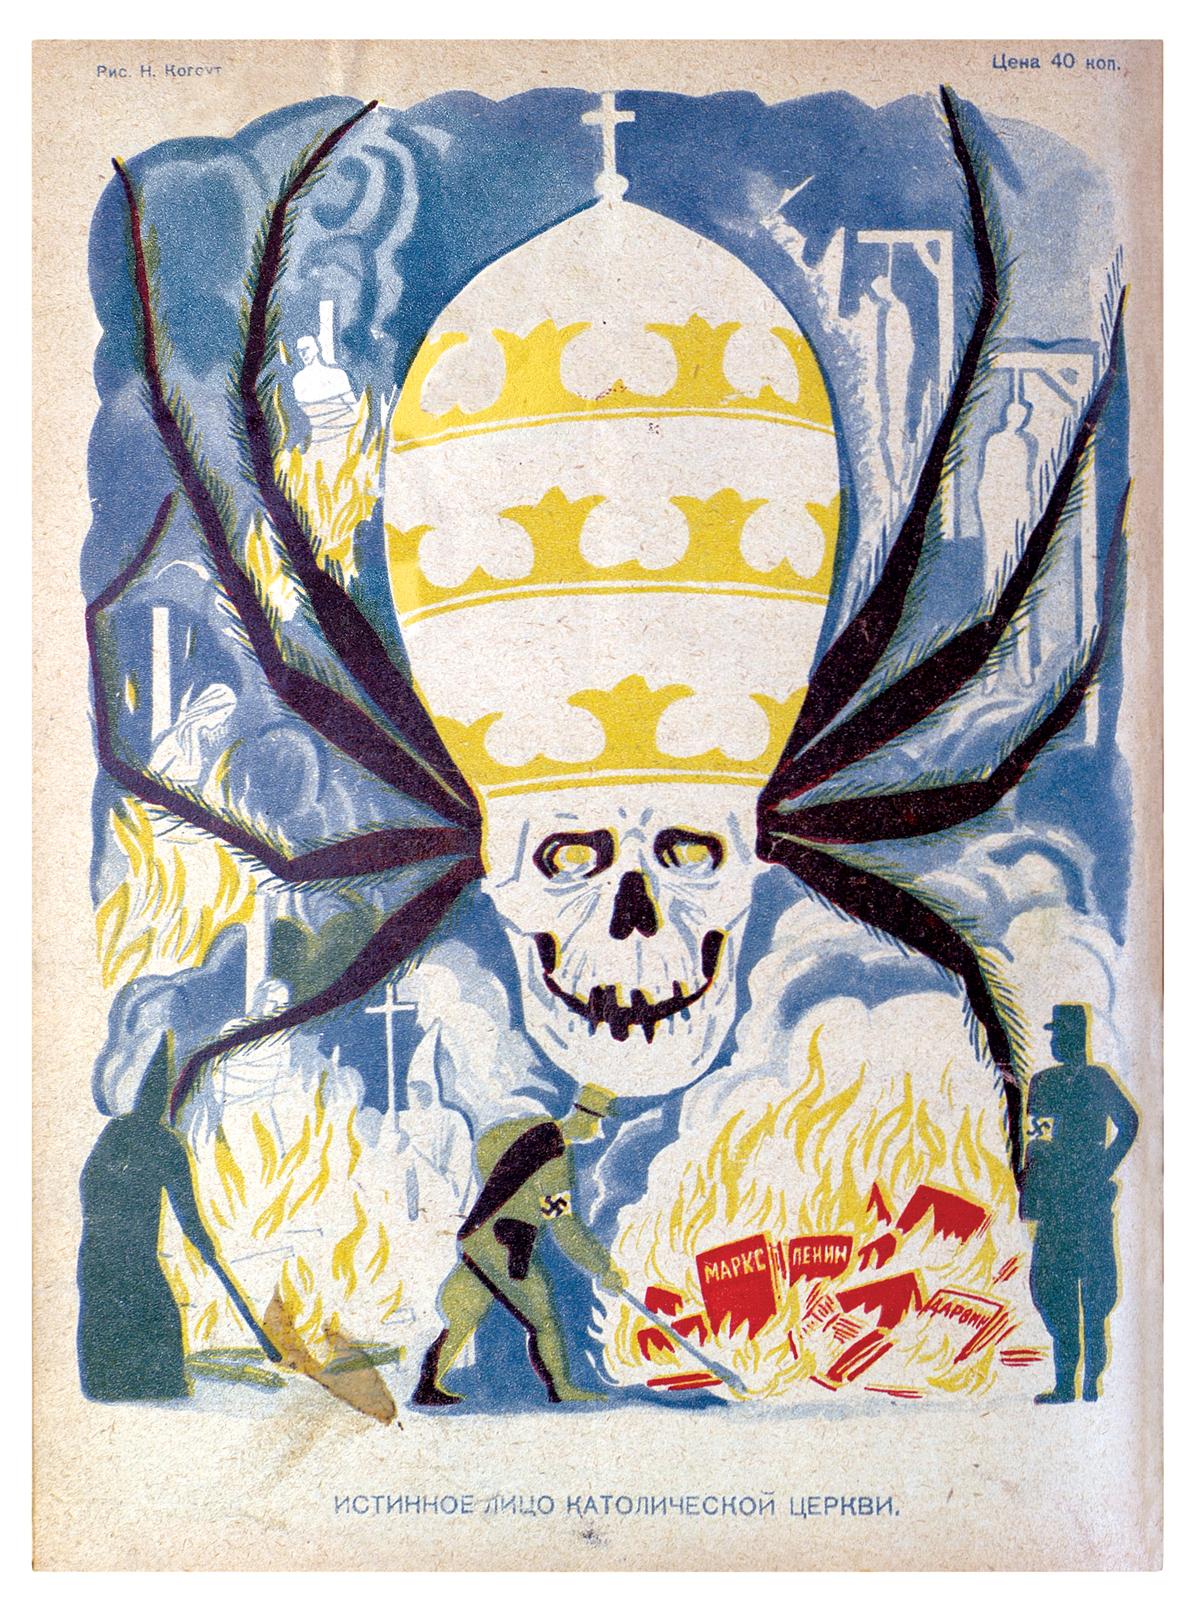 «Το πραγματικό πρόσωπο του καθολικισμού» φανερώνεται με την πυρά της Ιεράς Εξετάσεως, εκεί όπου οι άνθρωποι καίγονται ζωντανοί, ενώ οι ναζιστές τροφοδοτούν τις φλόγες με τα άπαντα των Μαρξ και Λένιν (Περιοδικό «Αθεος», 1934)